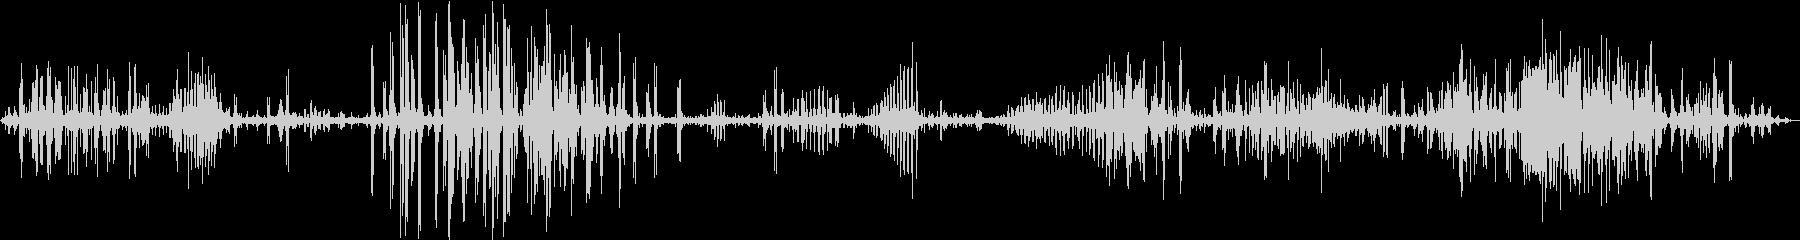 【生録音】フラミンゴの鳴き声 長尺の未再生の波形